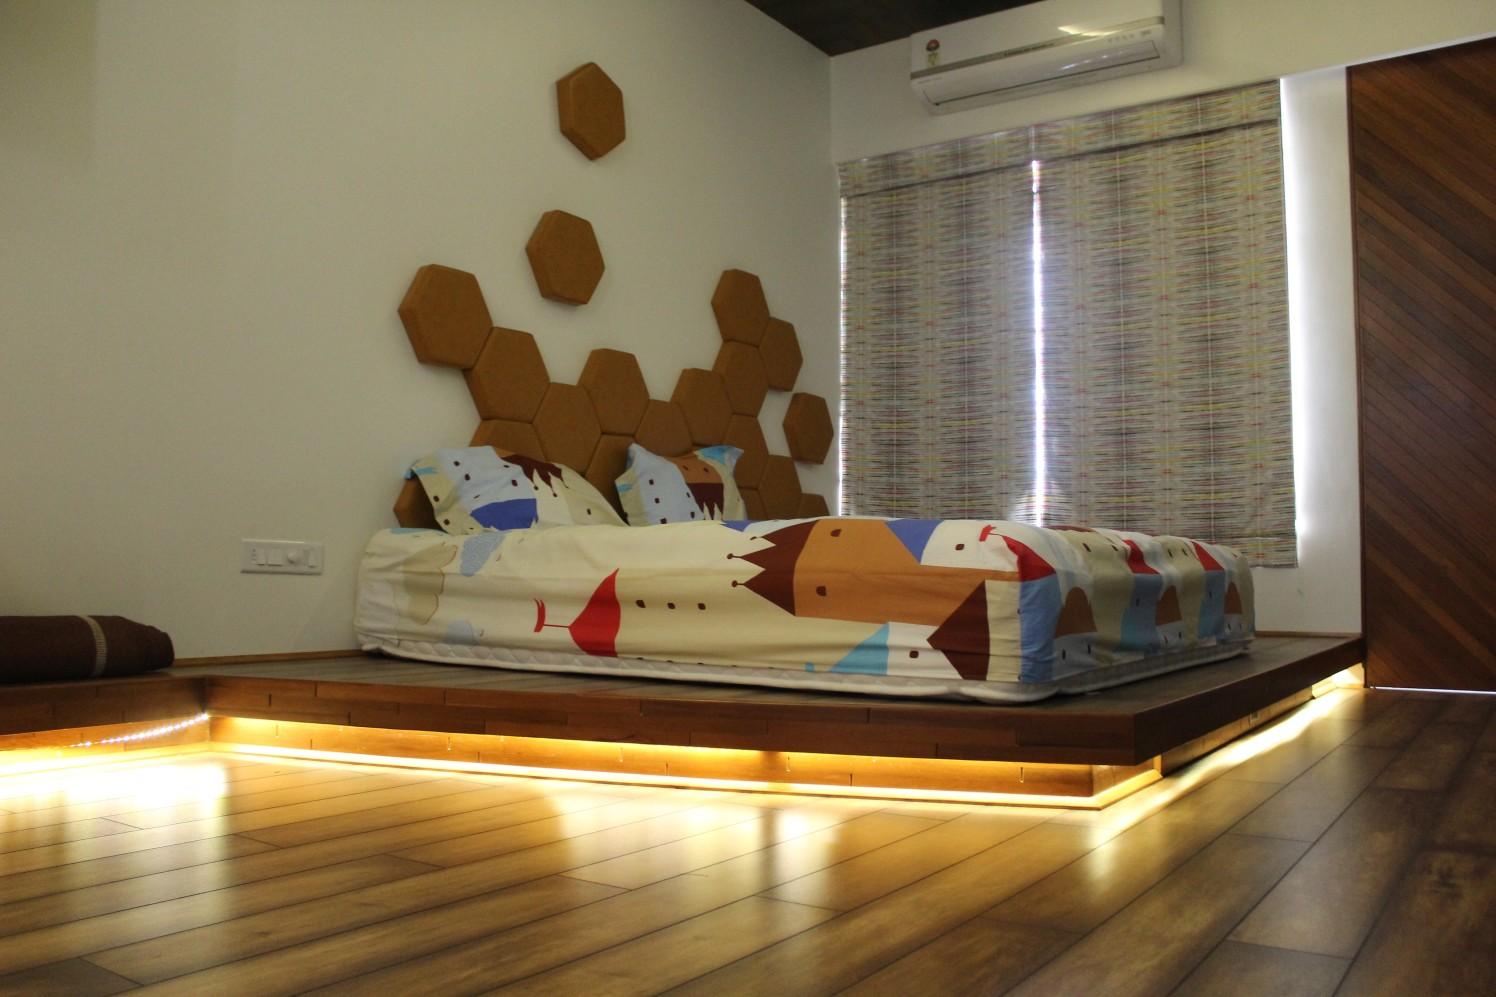 Hexagon Design by Ankit Atkotiya Contemporary | Interior Design Photos & Ideas